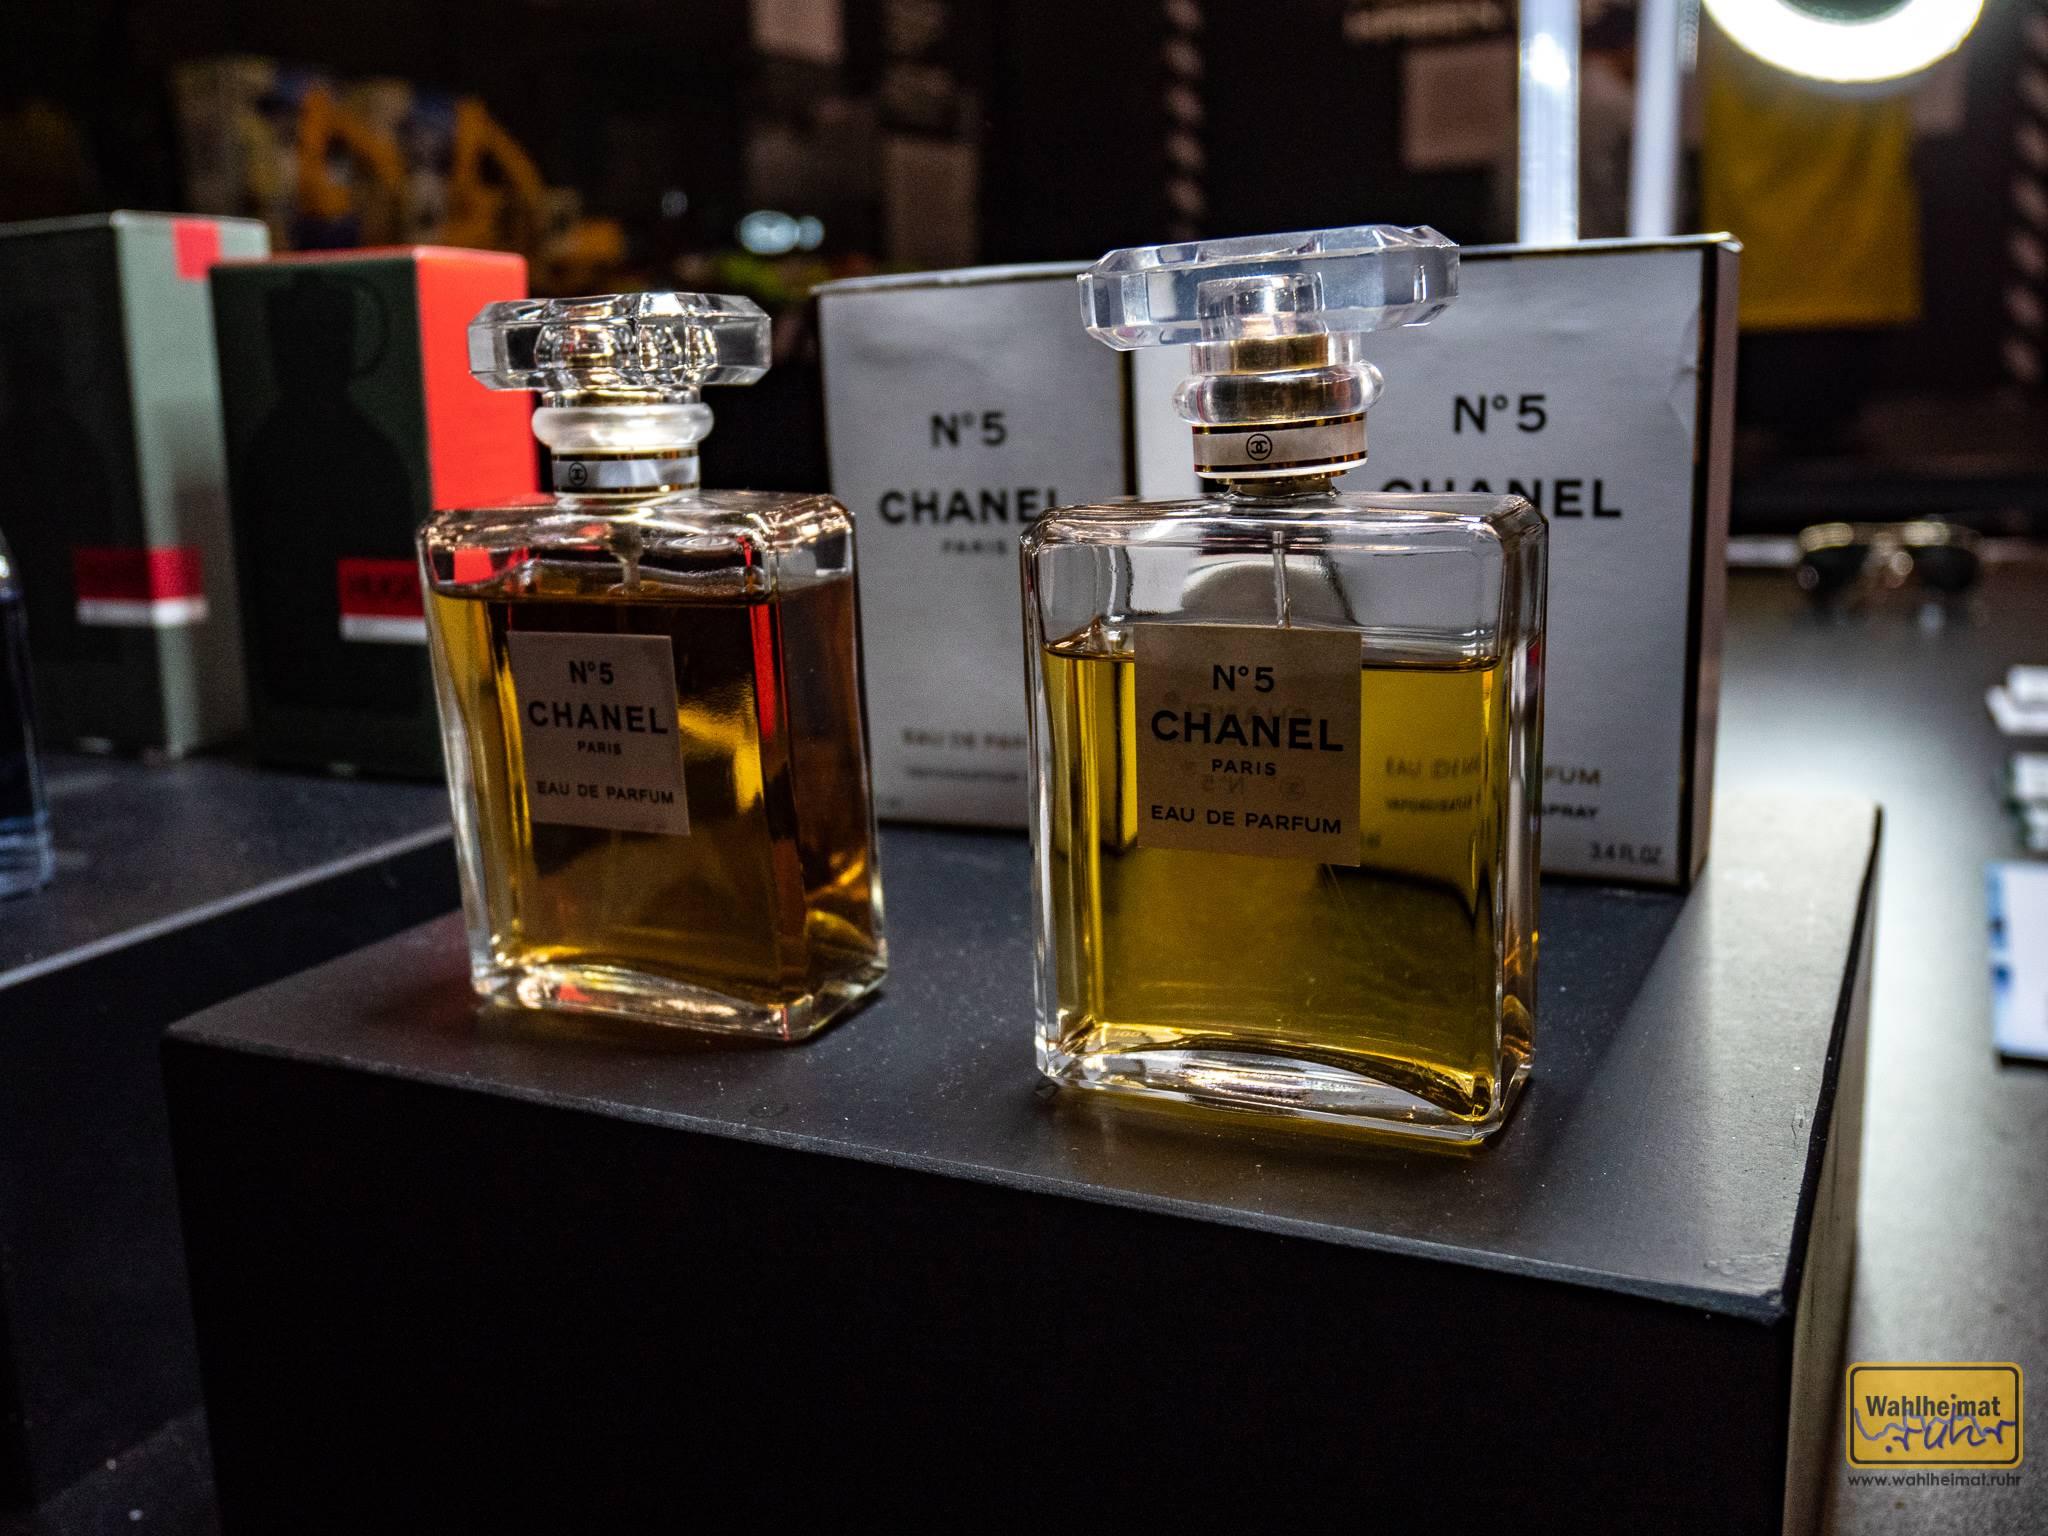 Dufte! Sieht eigentlich gut nachgemacht aus - aber riecht es auch wie das Original?